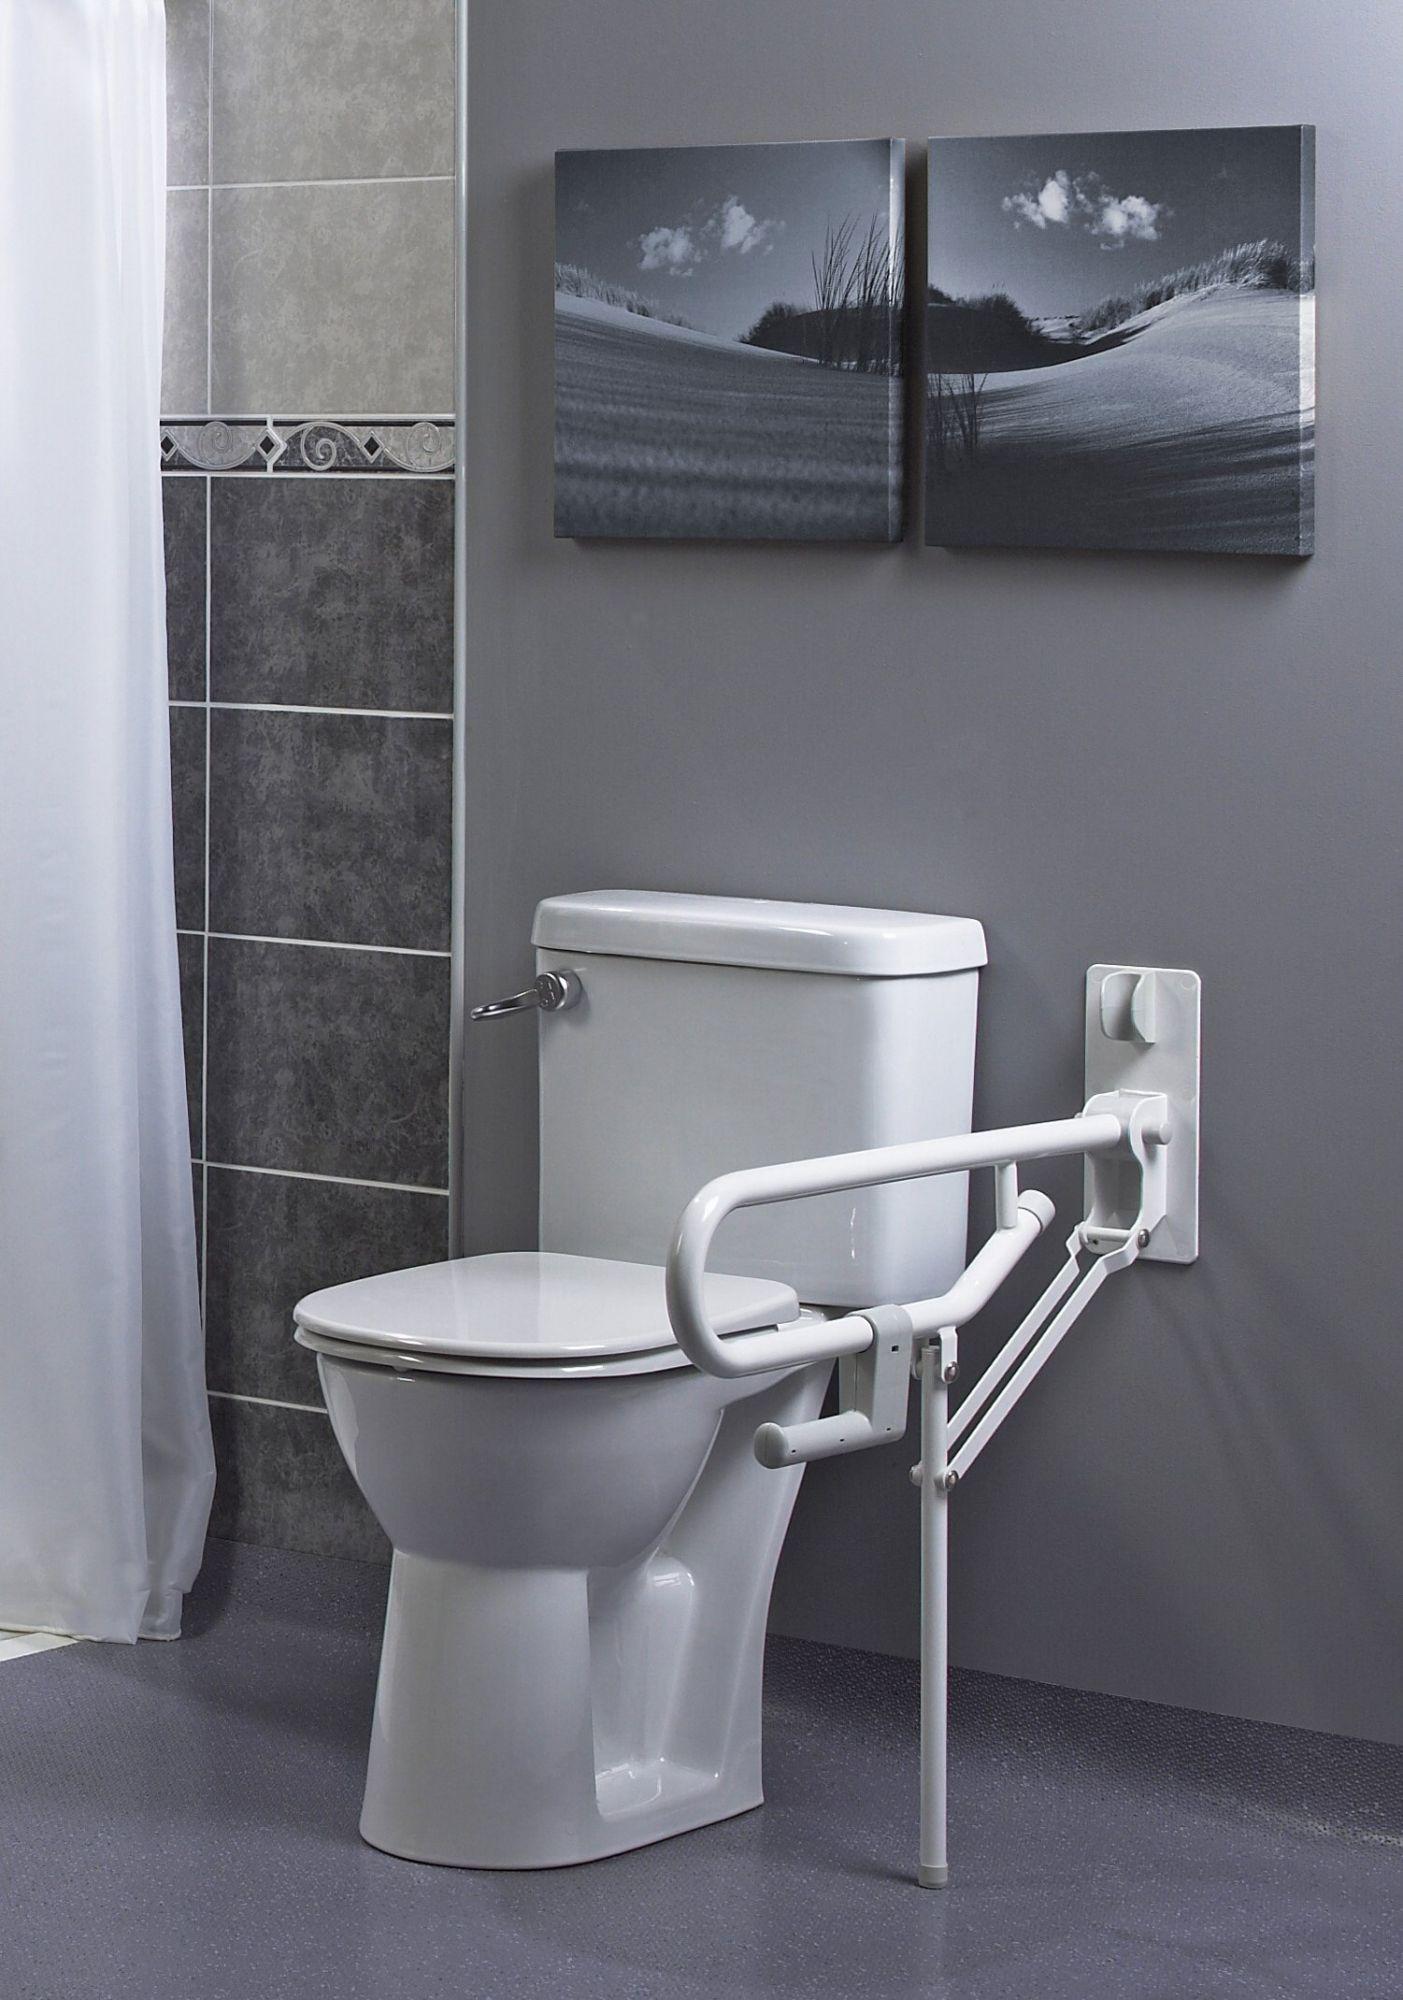 barre d appui wc pro pied fixe la salle de bains mat riel pour handicap s ou personnes ag es. Black Bedroom Furniture Sets. Home Design Ideas